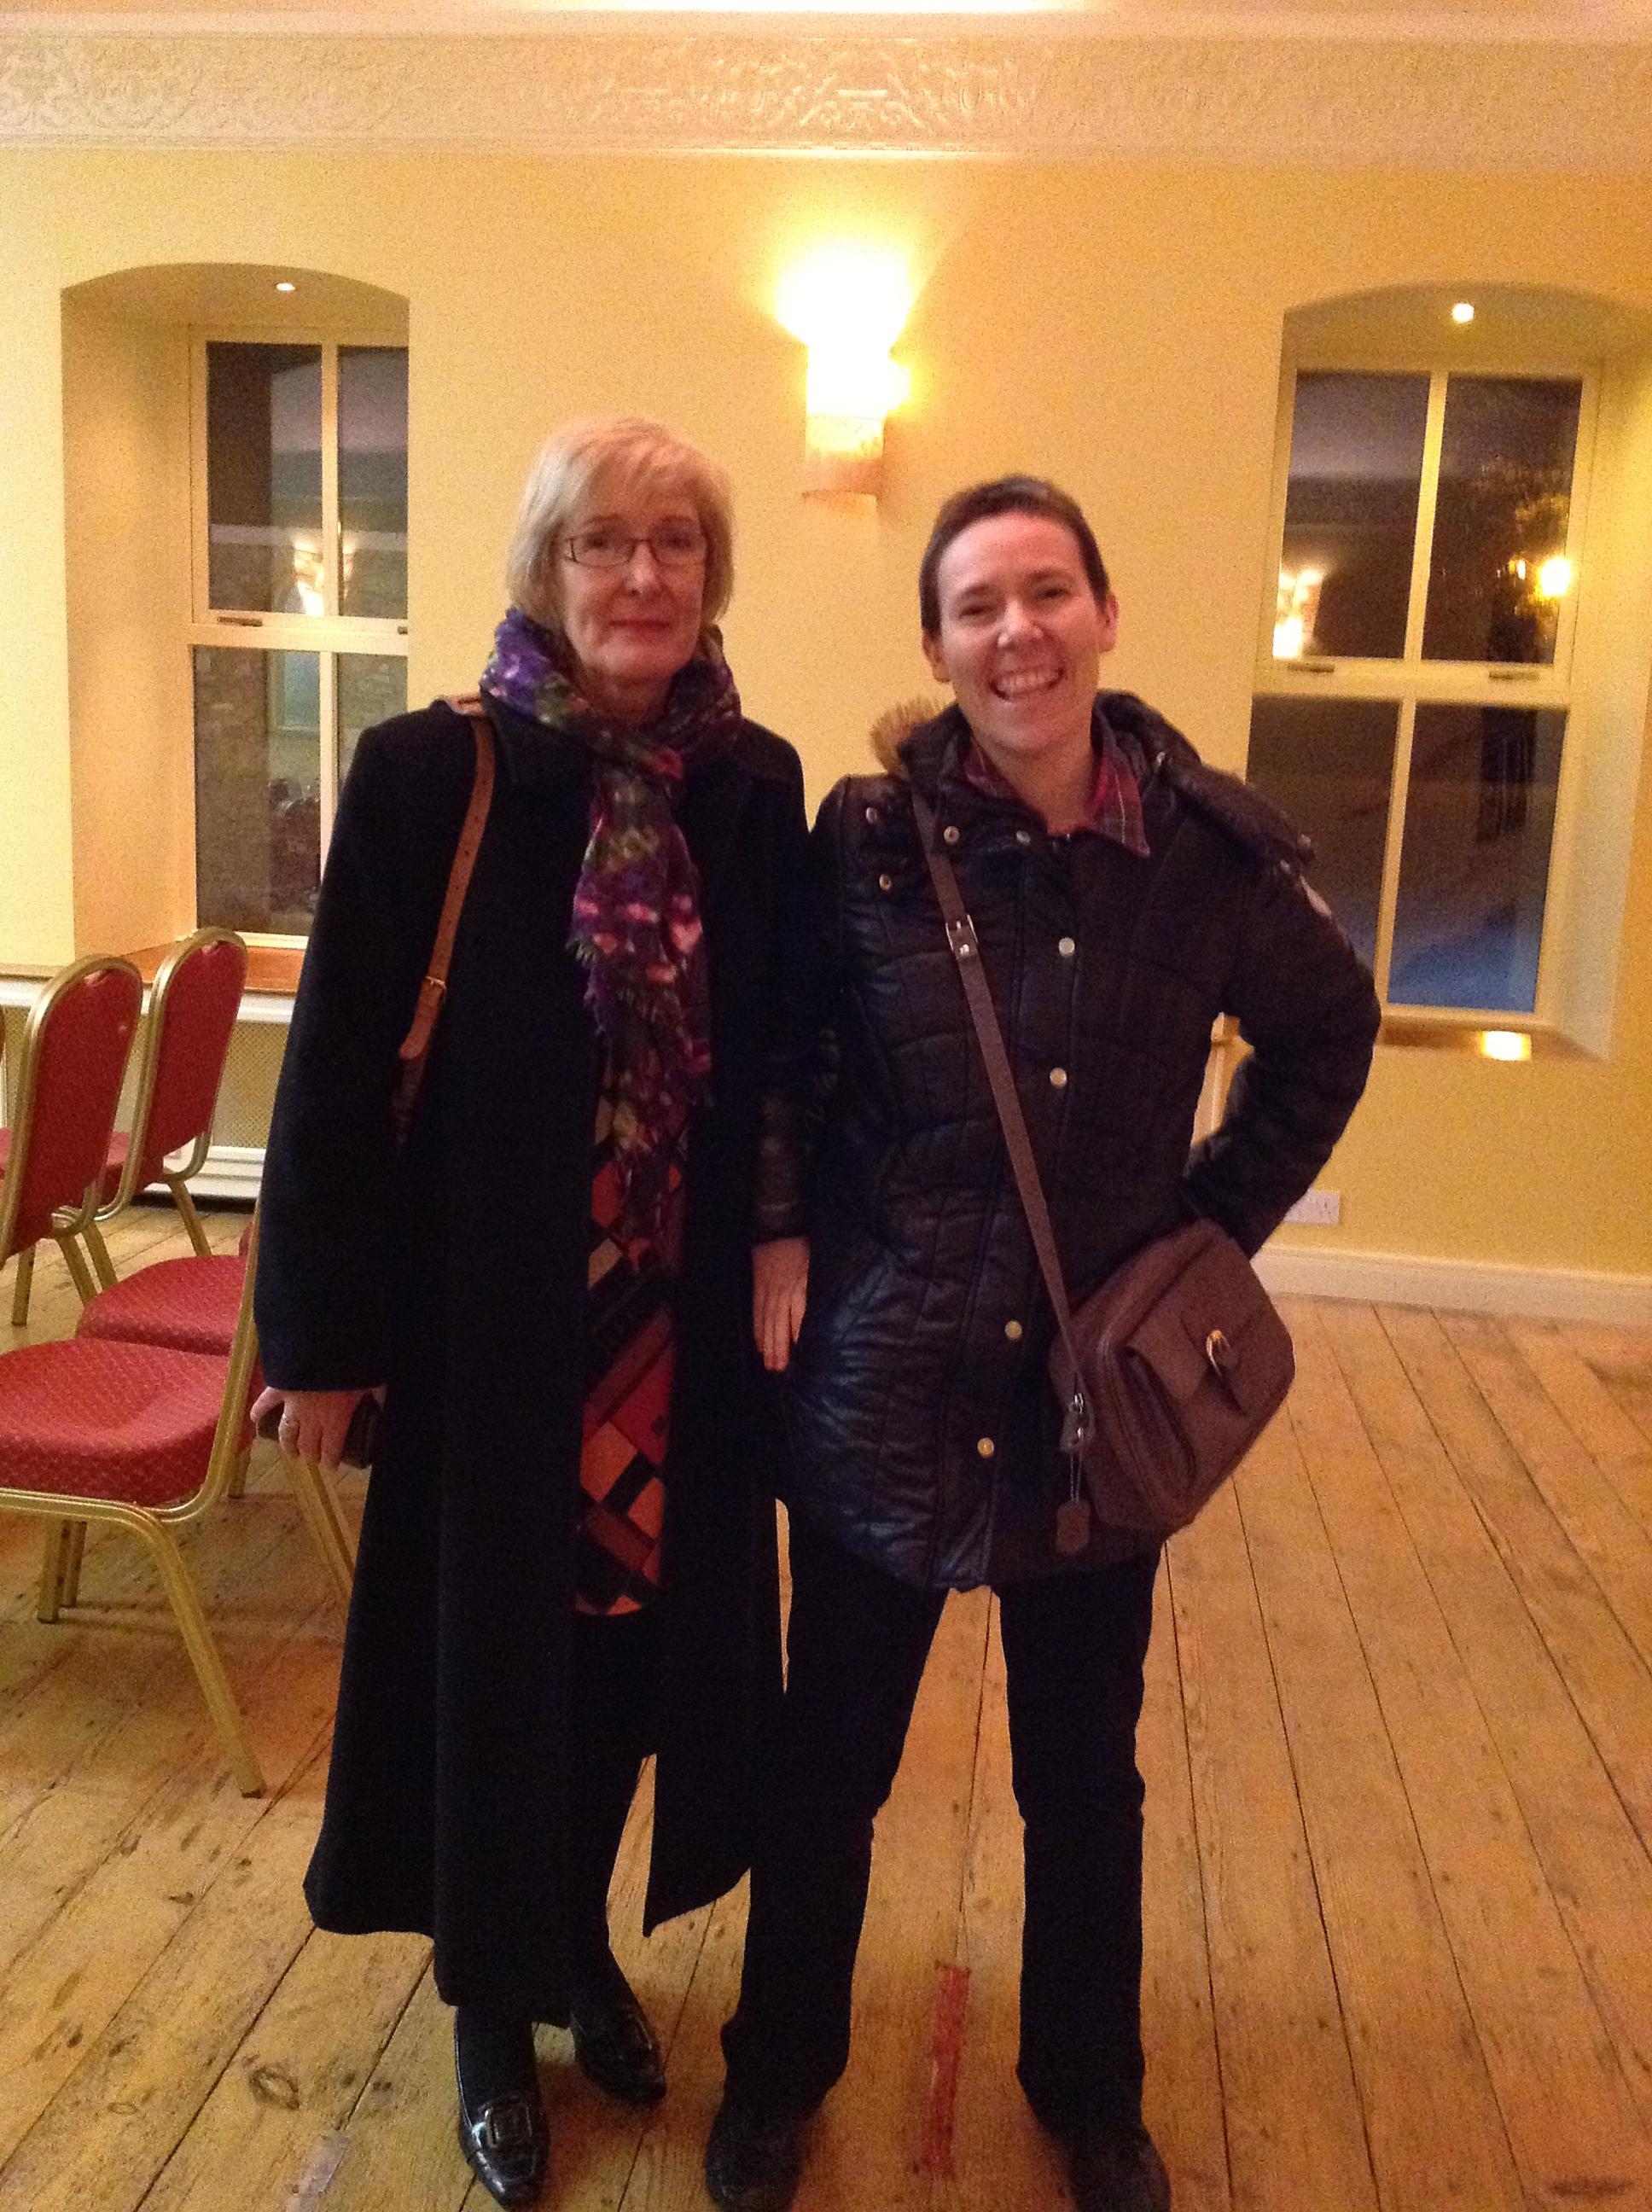 Nessa and Patricia Delany